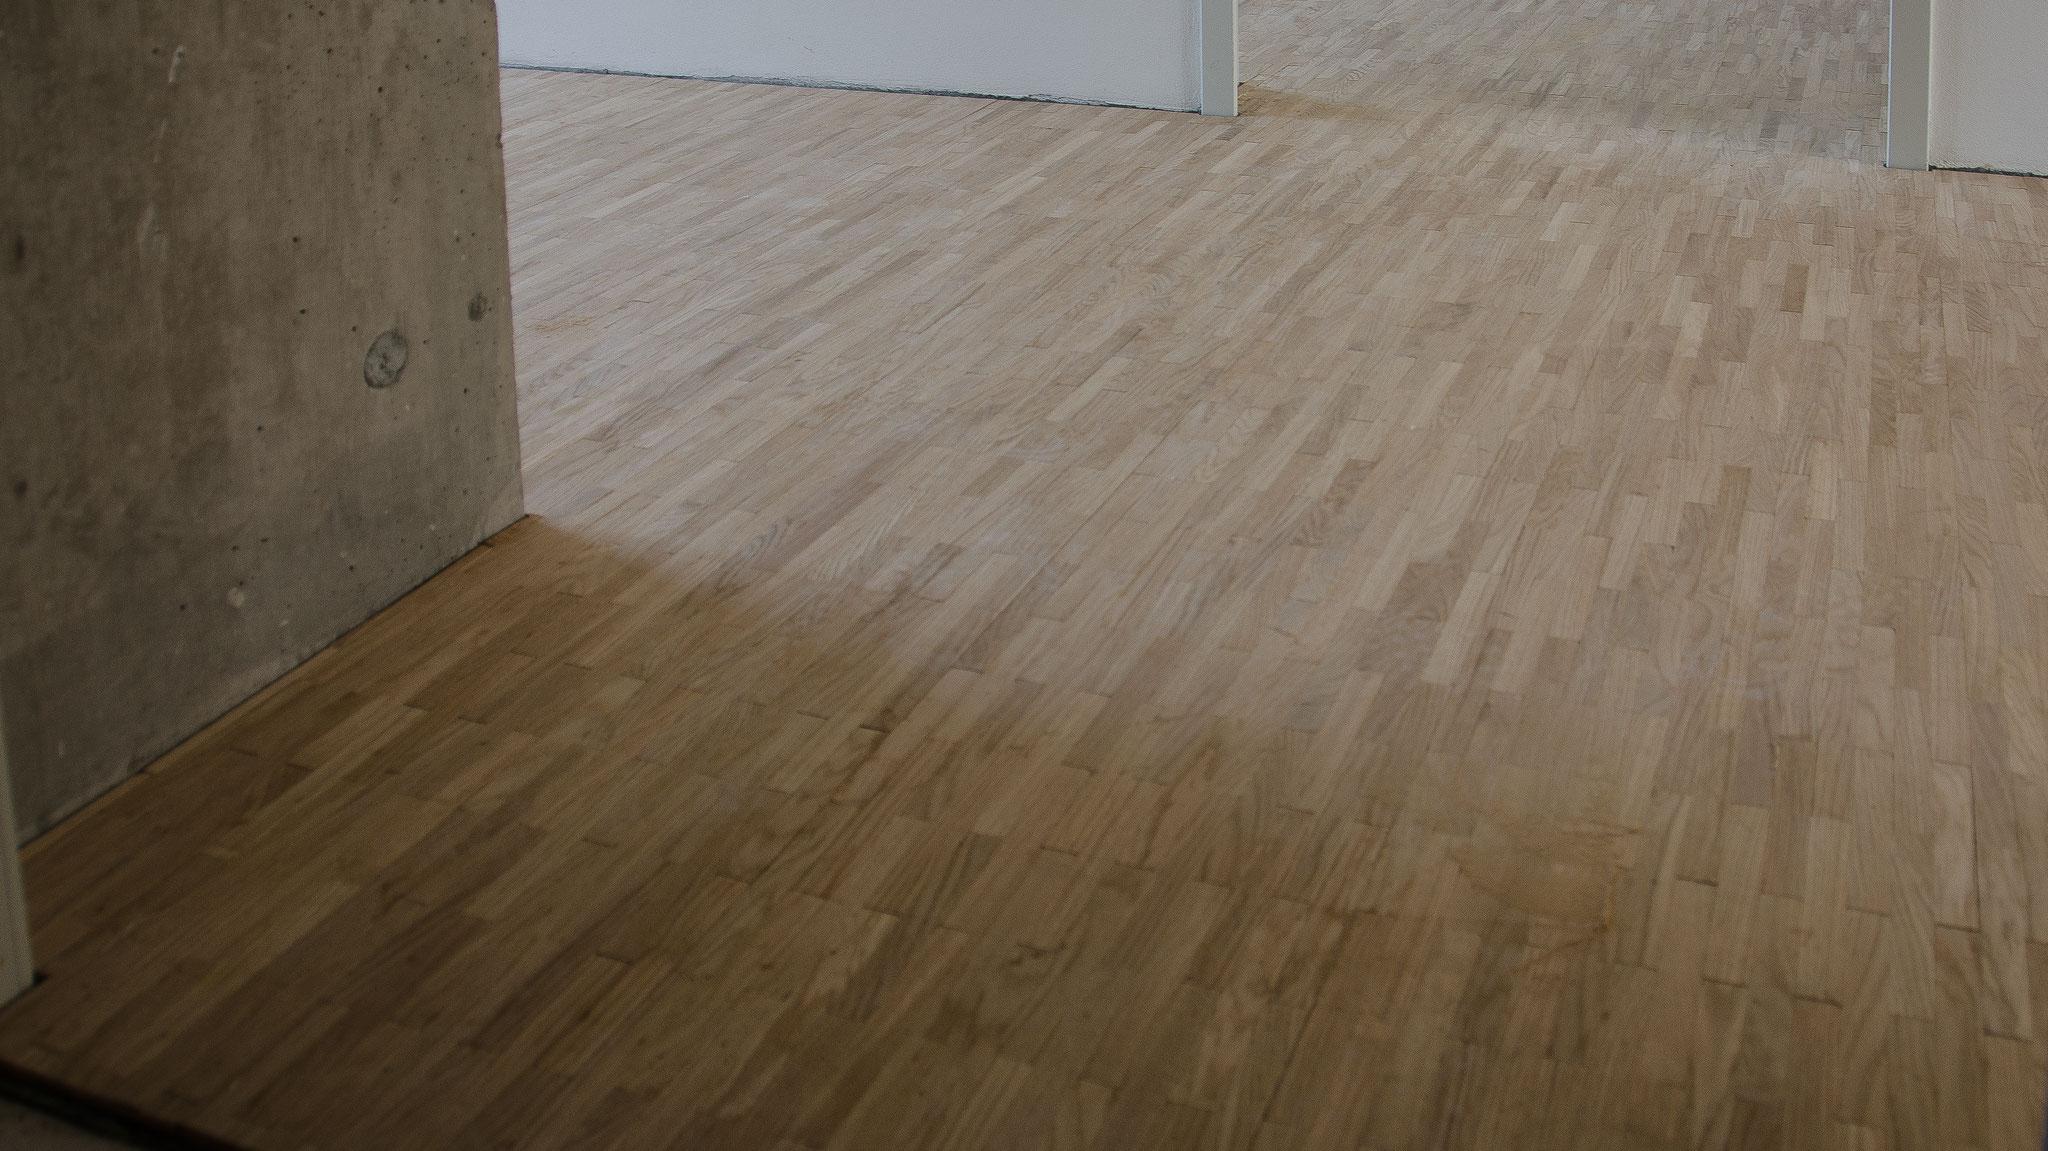 In den Wohnungen wurde mit dem Verlegen der Parkettböden begonnen. Die Böden werden noch geschliffen und geölt und erhalten so eine etwas dunklere Farbe.